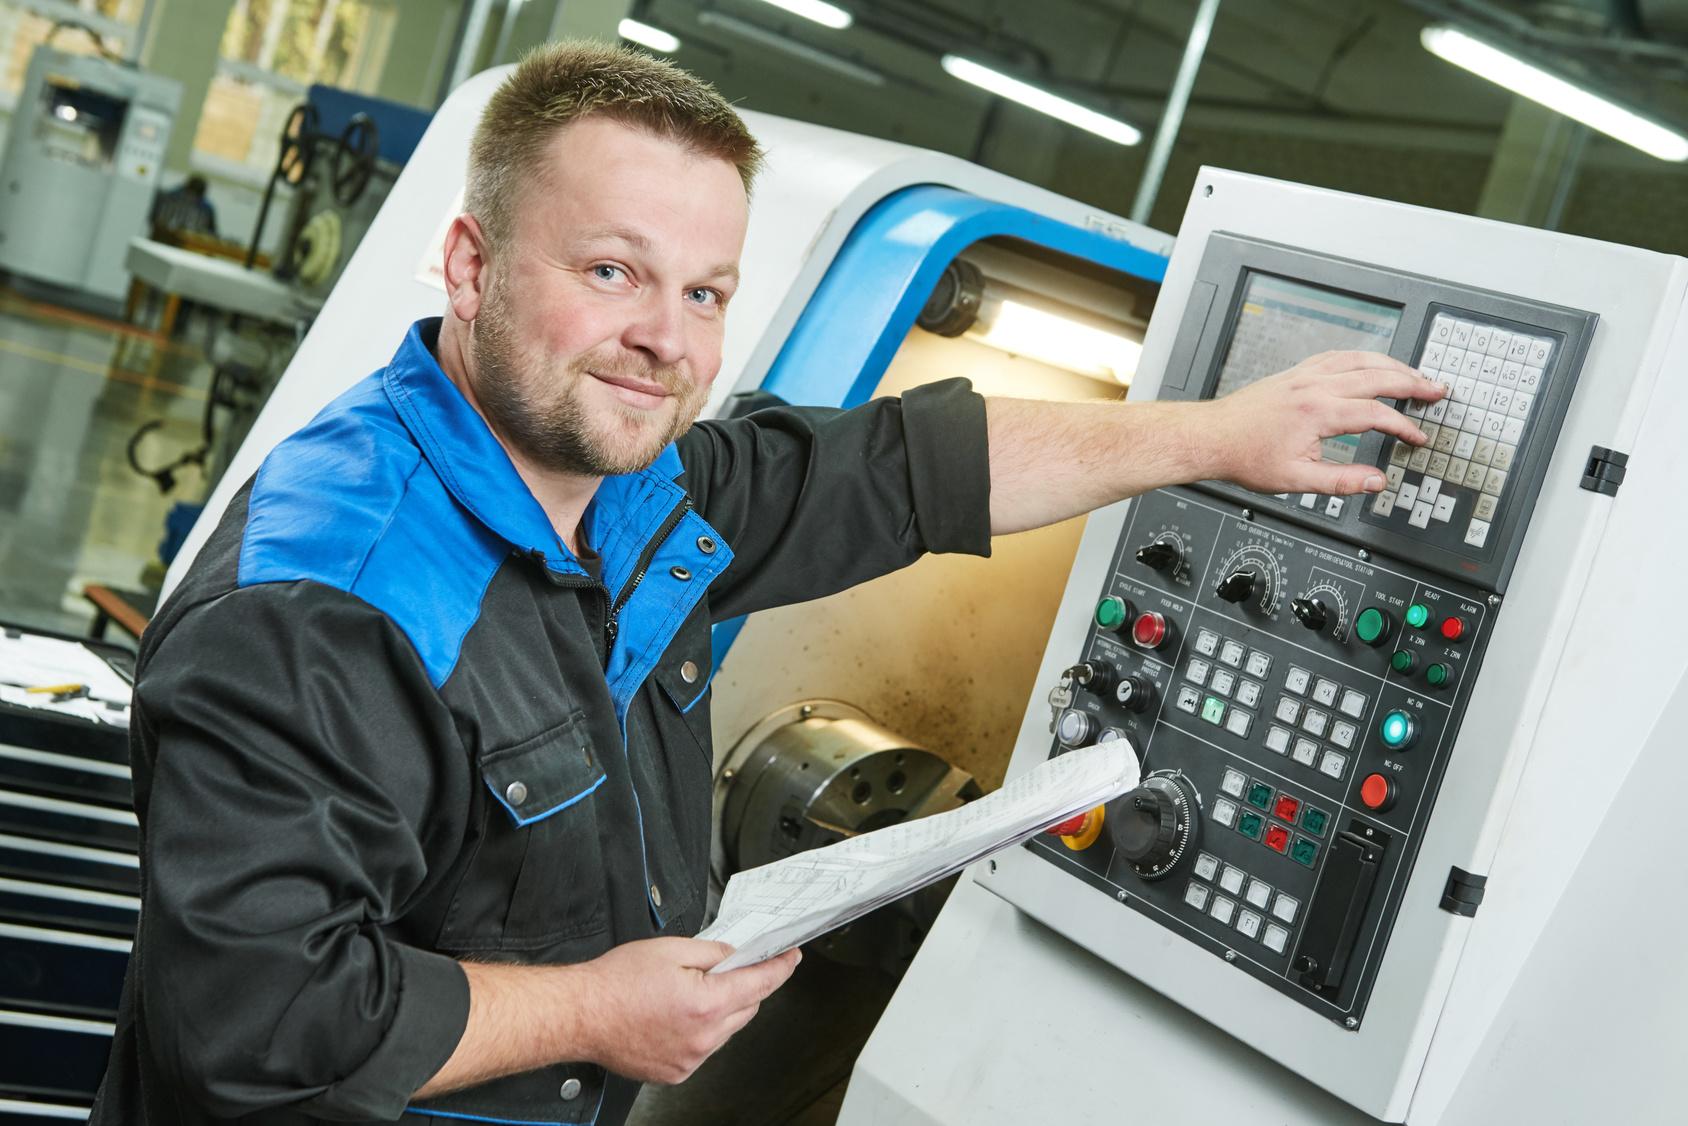 Schwerer Arbeitsunfall: Kopf in Drehmaschine eingeklemmt